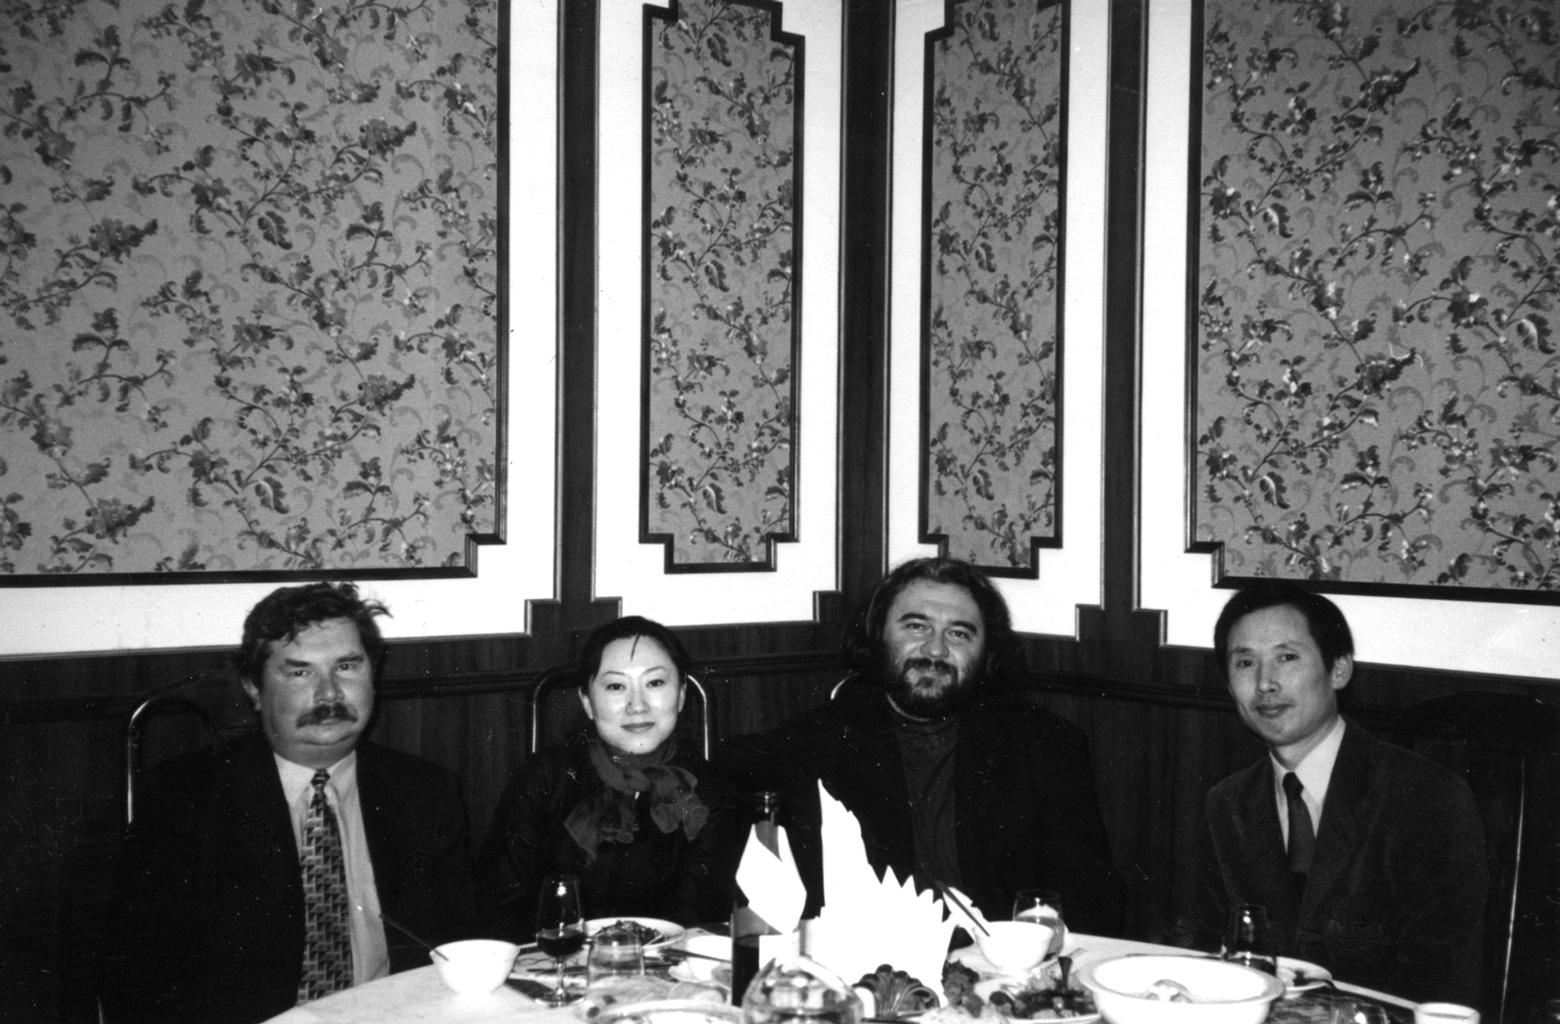 С Ю.В. Павленко и представителями посольства Китая. Киев. 2000